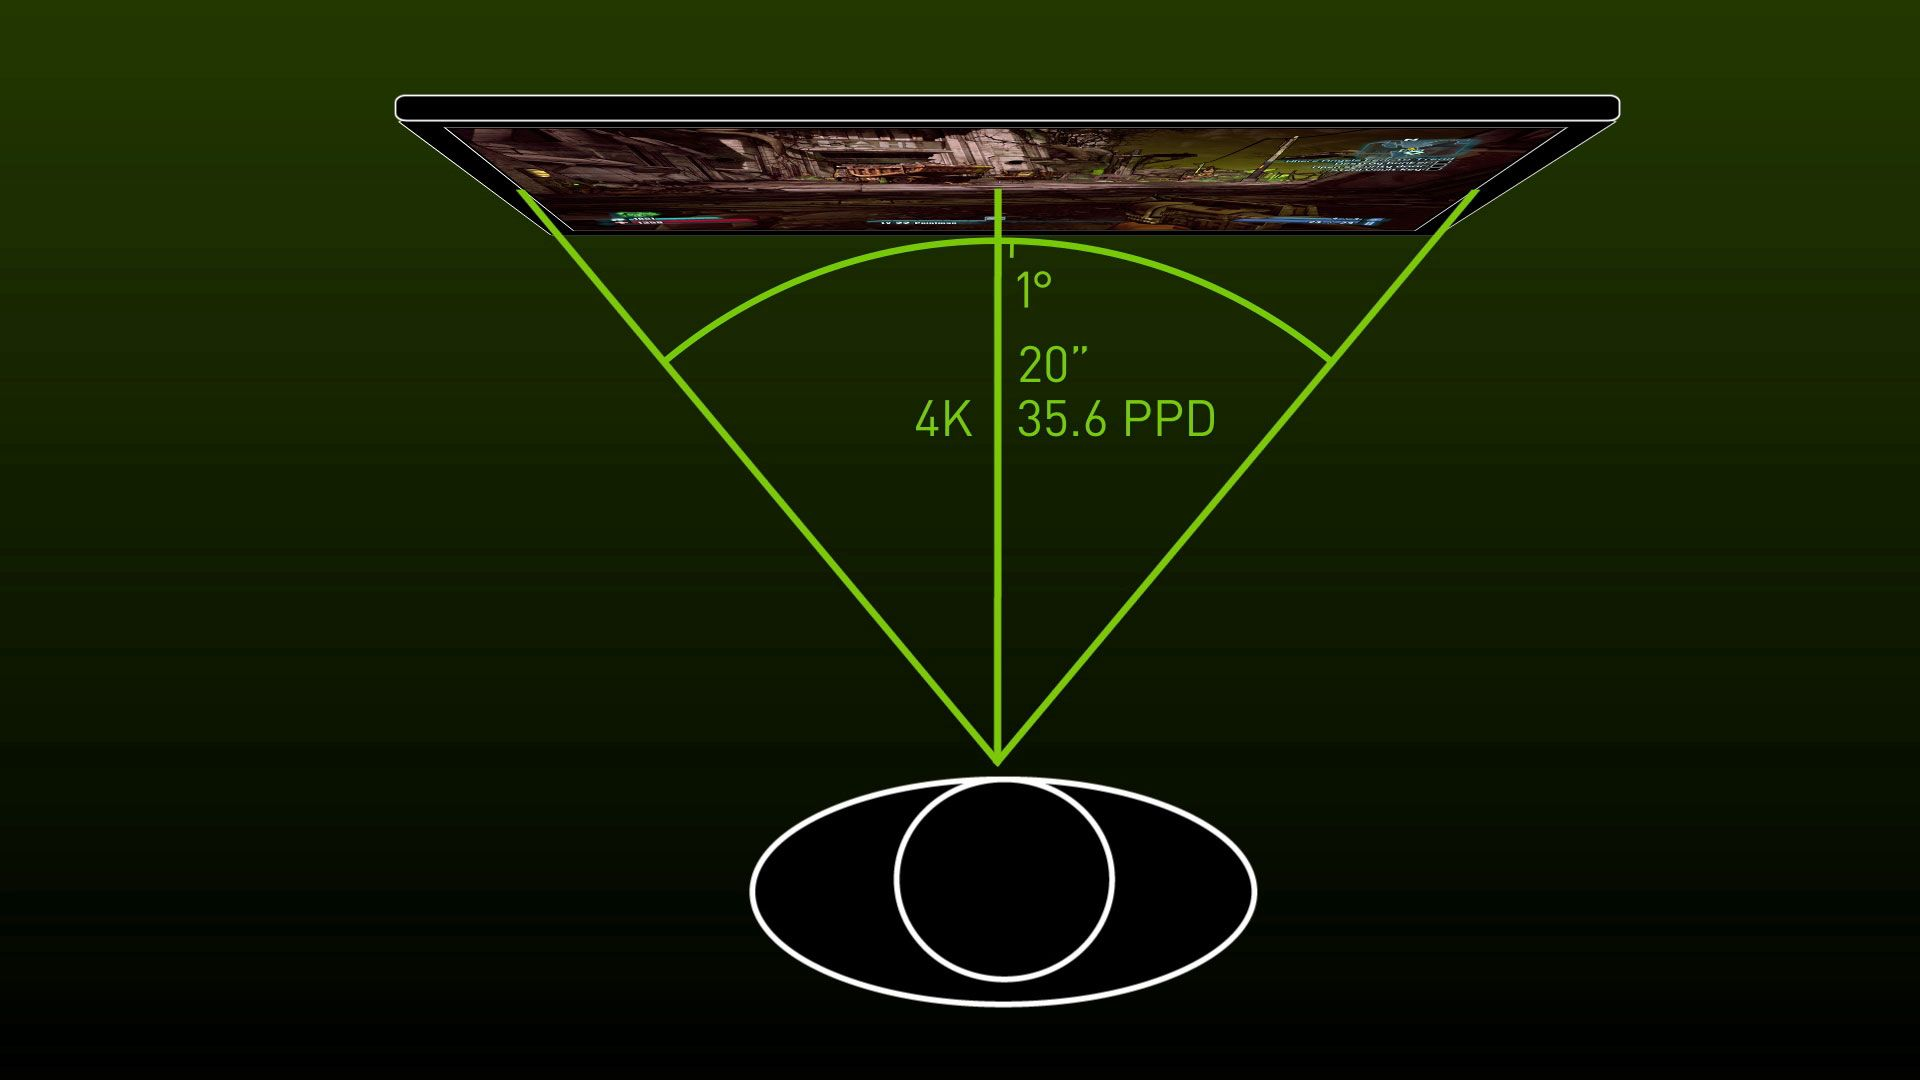 Slik forklarer Nvidia pikseltettheten per grad i synsfeltet ditt.